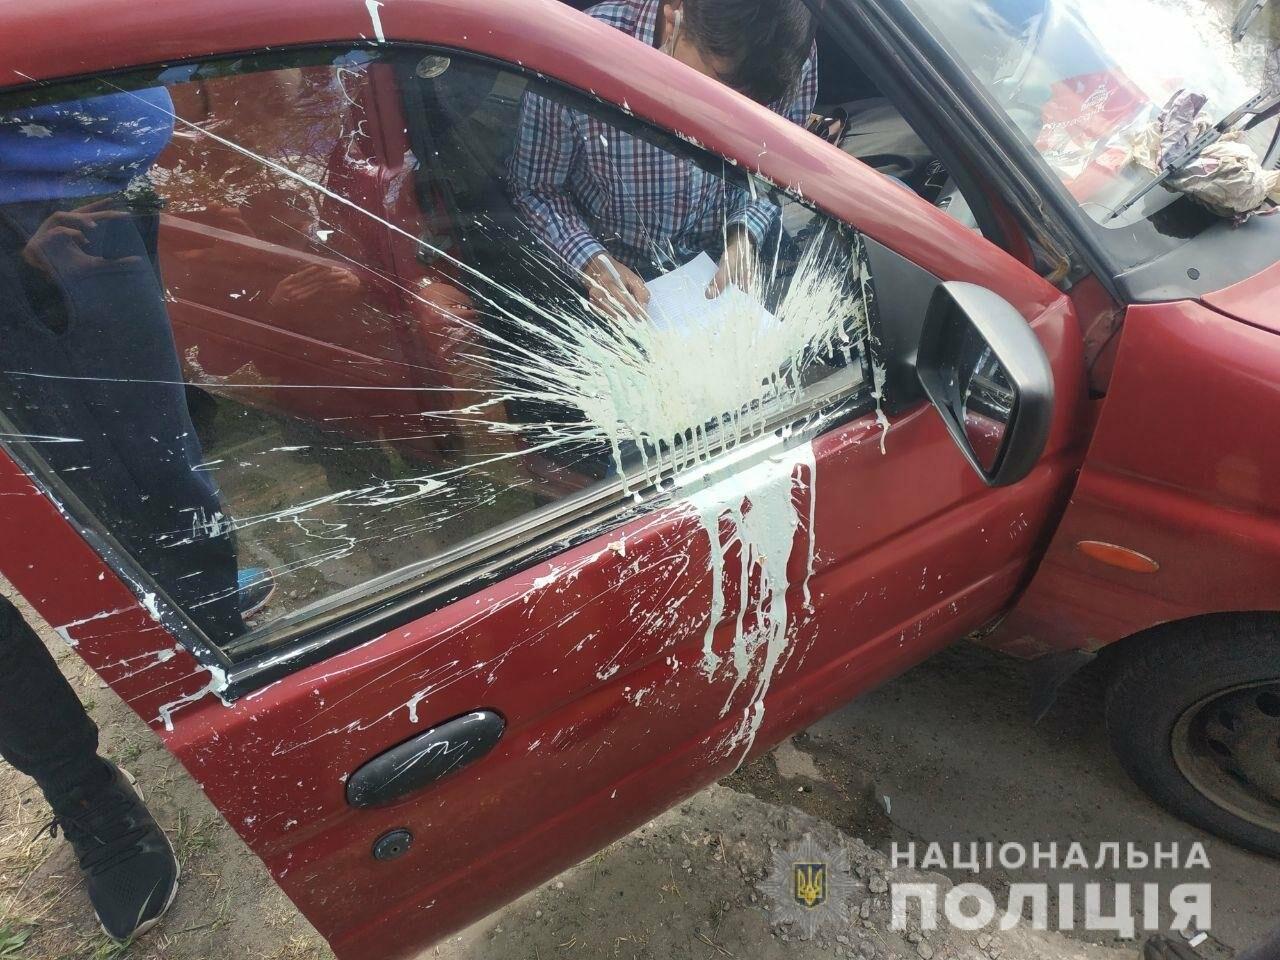 В Мариуполе автоколонну забросали краской, - ФОТО, фото-1